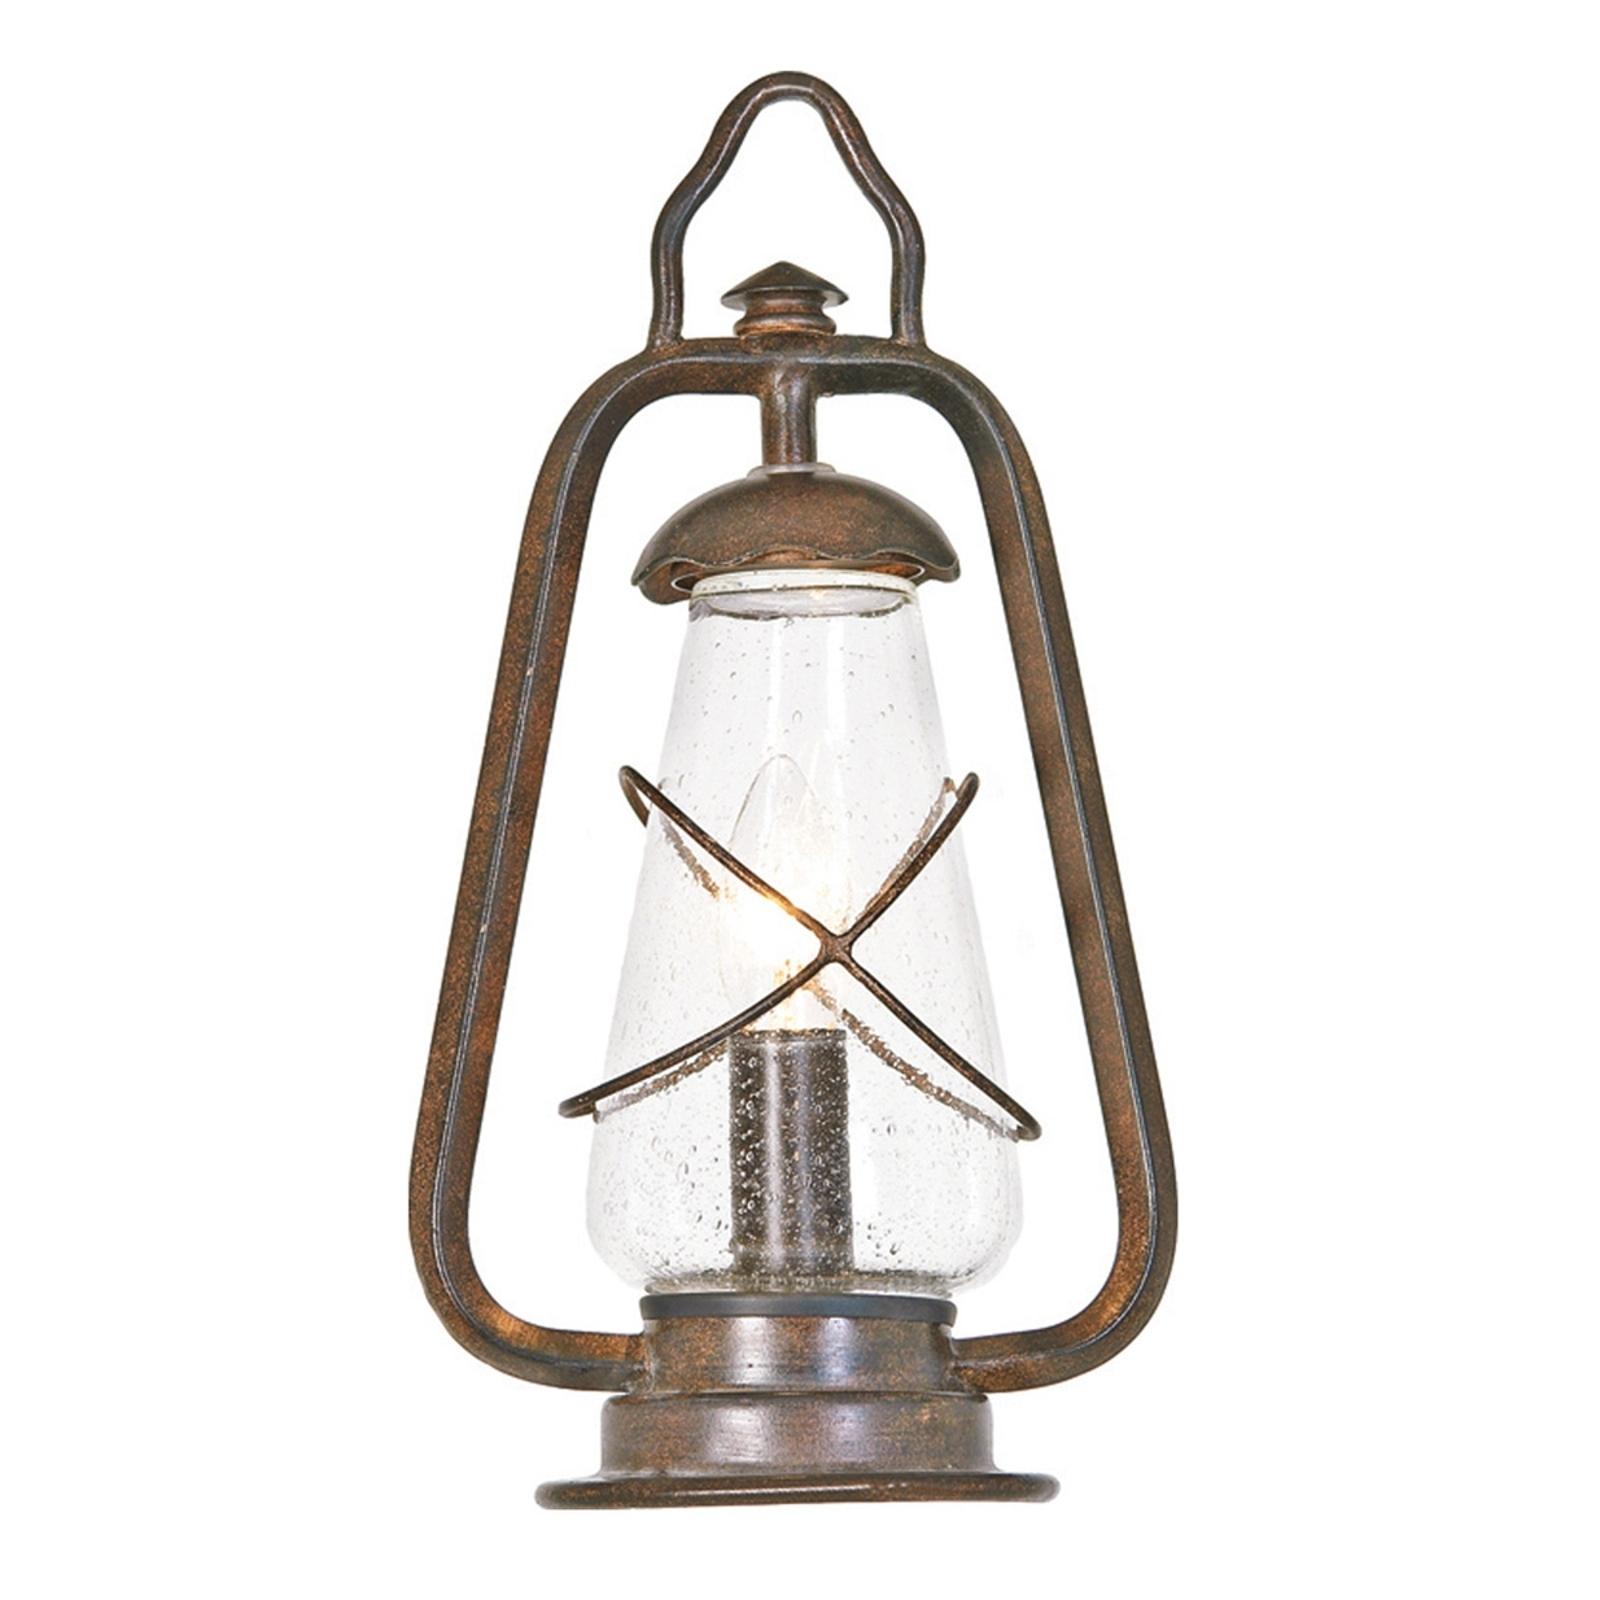 Sokkellamp MINERS in de stijl van mijnbouwlampen